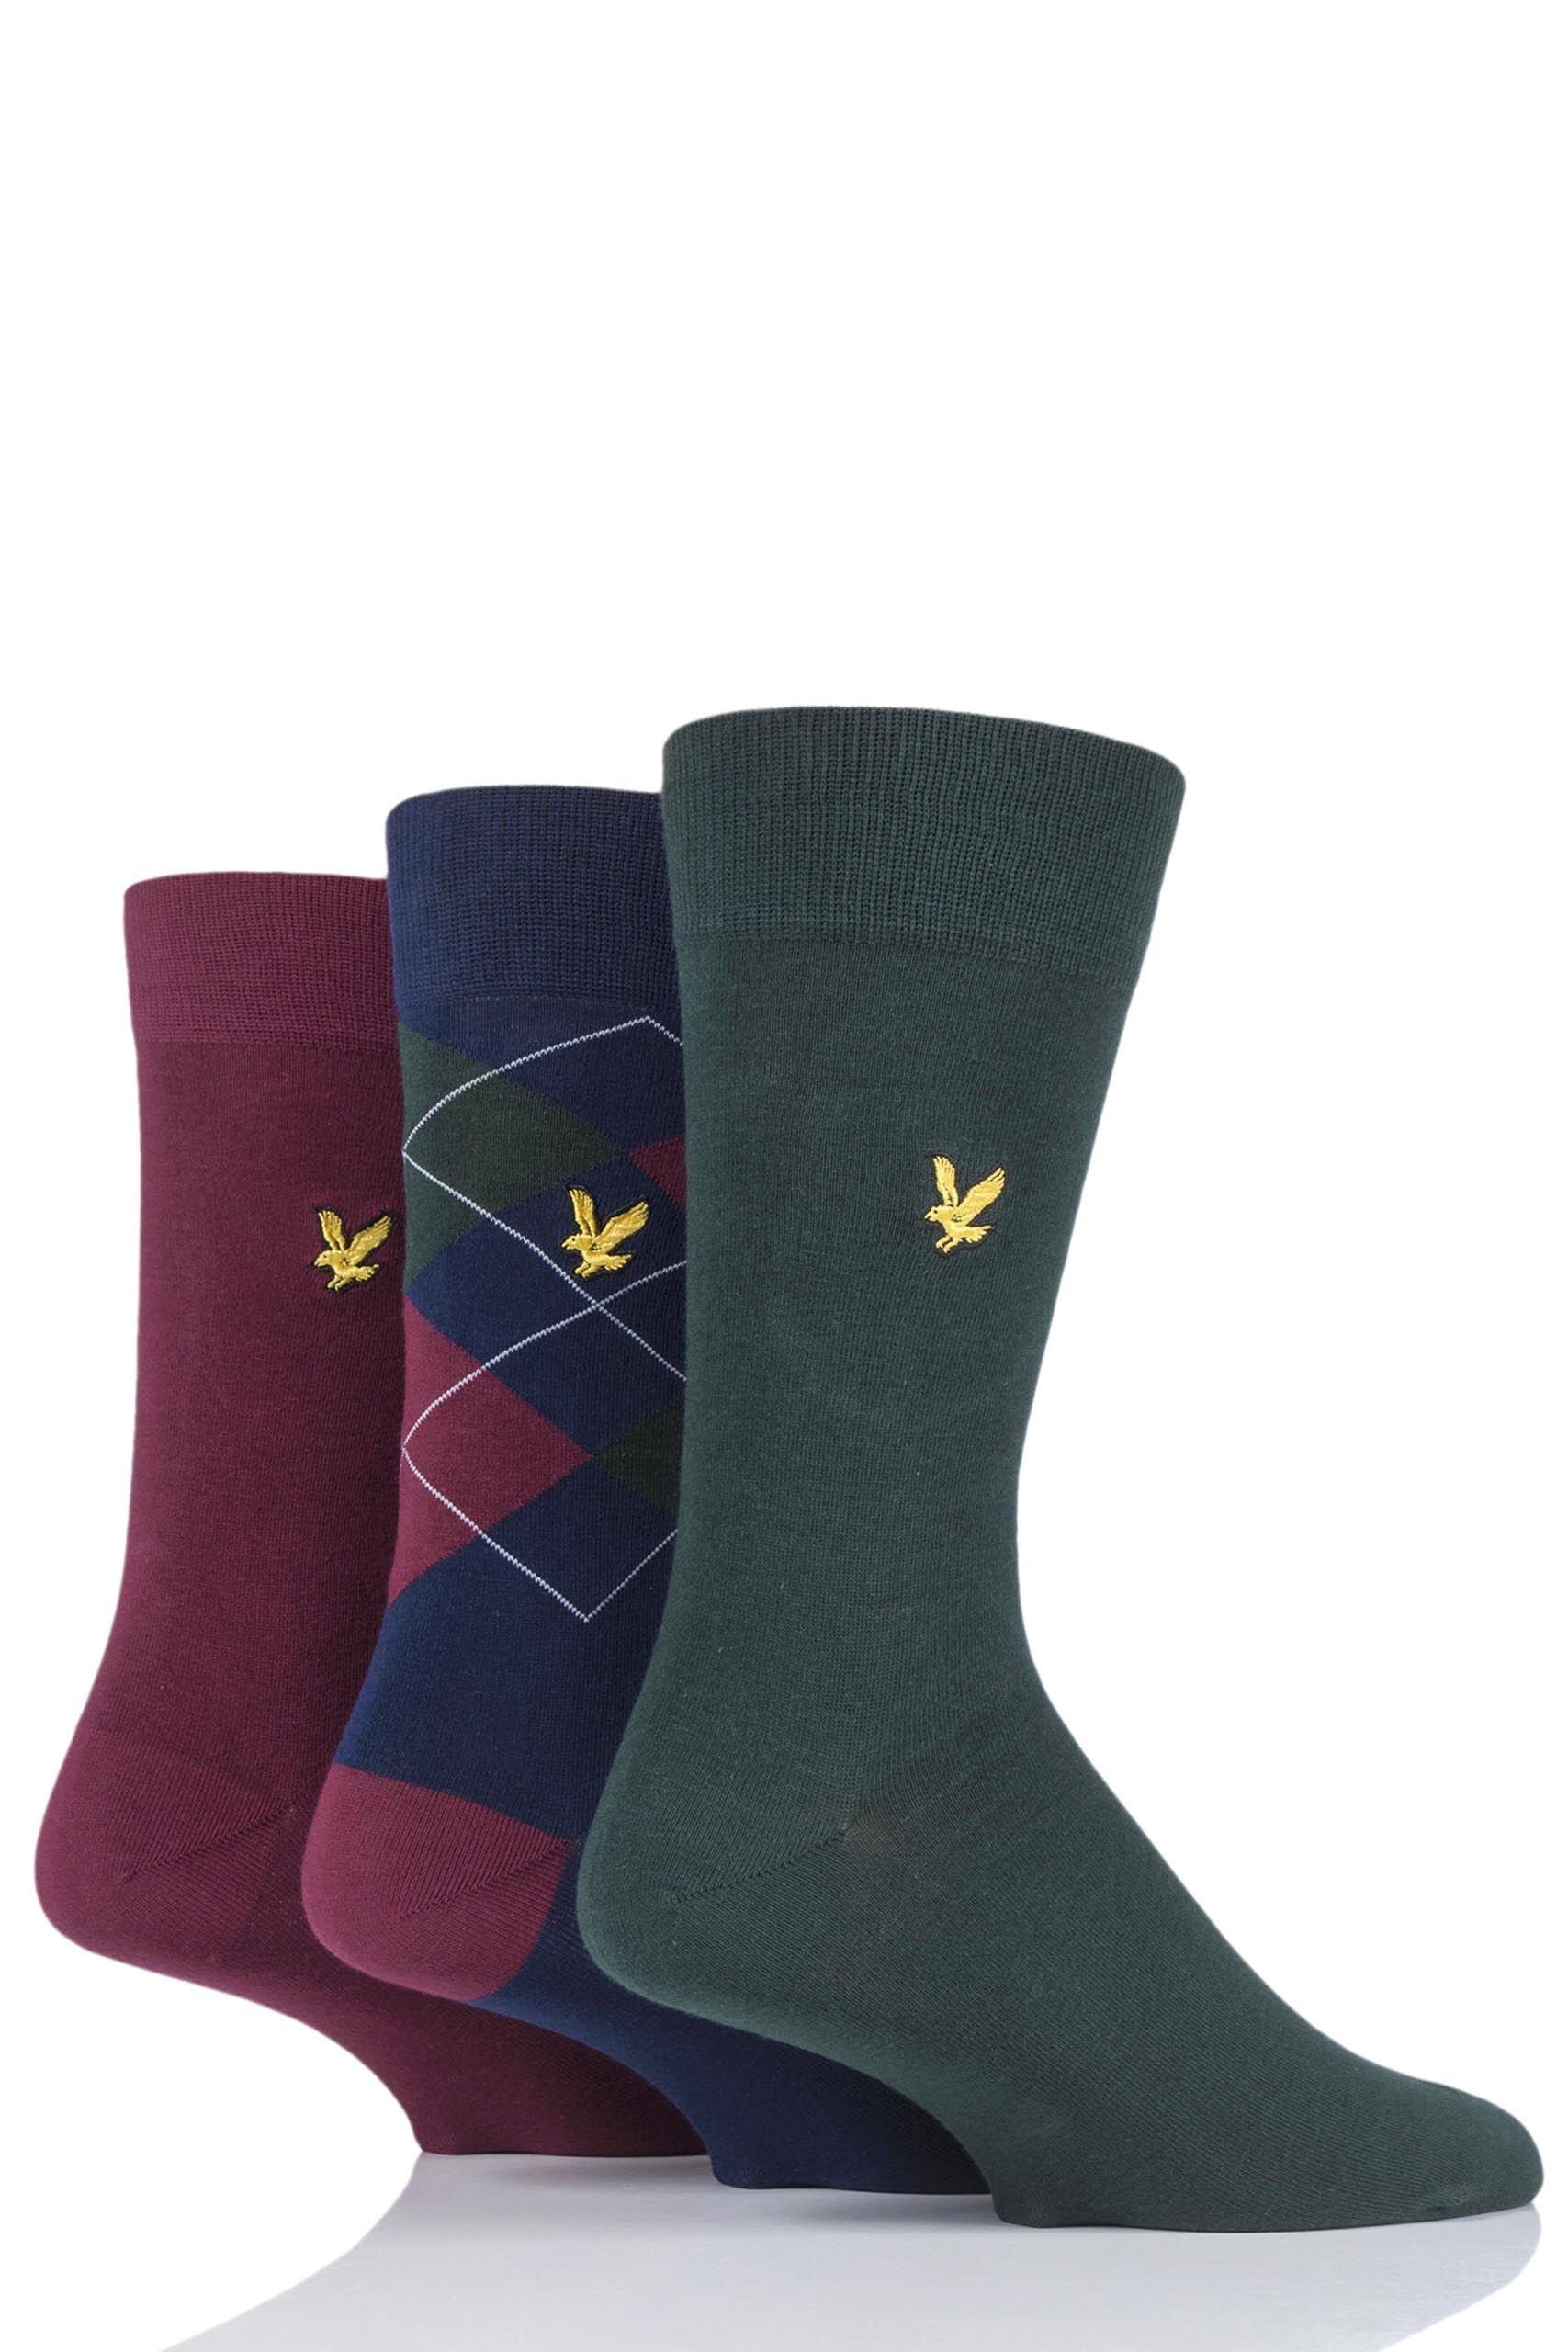 Image of 3 Pair Pine Hewie Argyle Cotton Socks Men's 7-11 Mens - Lyle & Scott